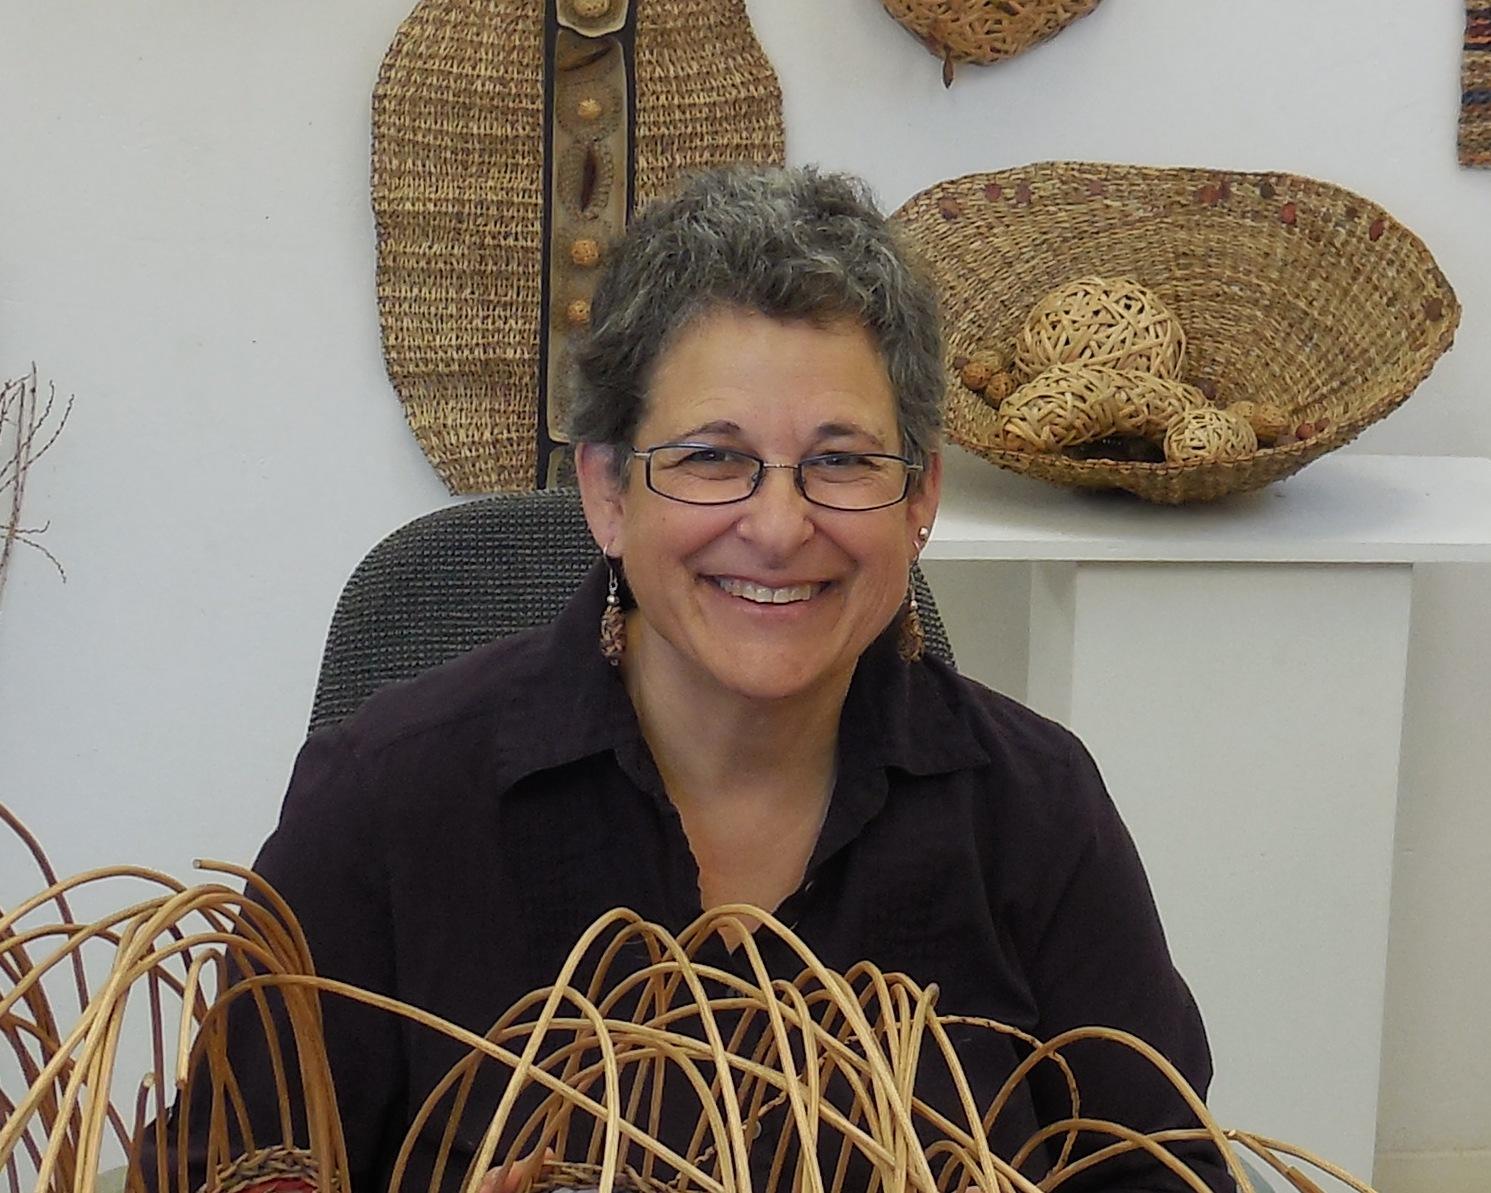 Polly Jacobs Giacchina